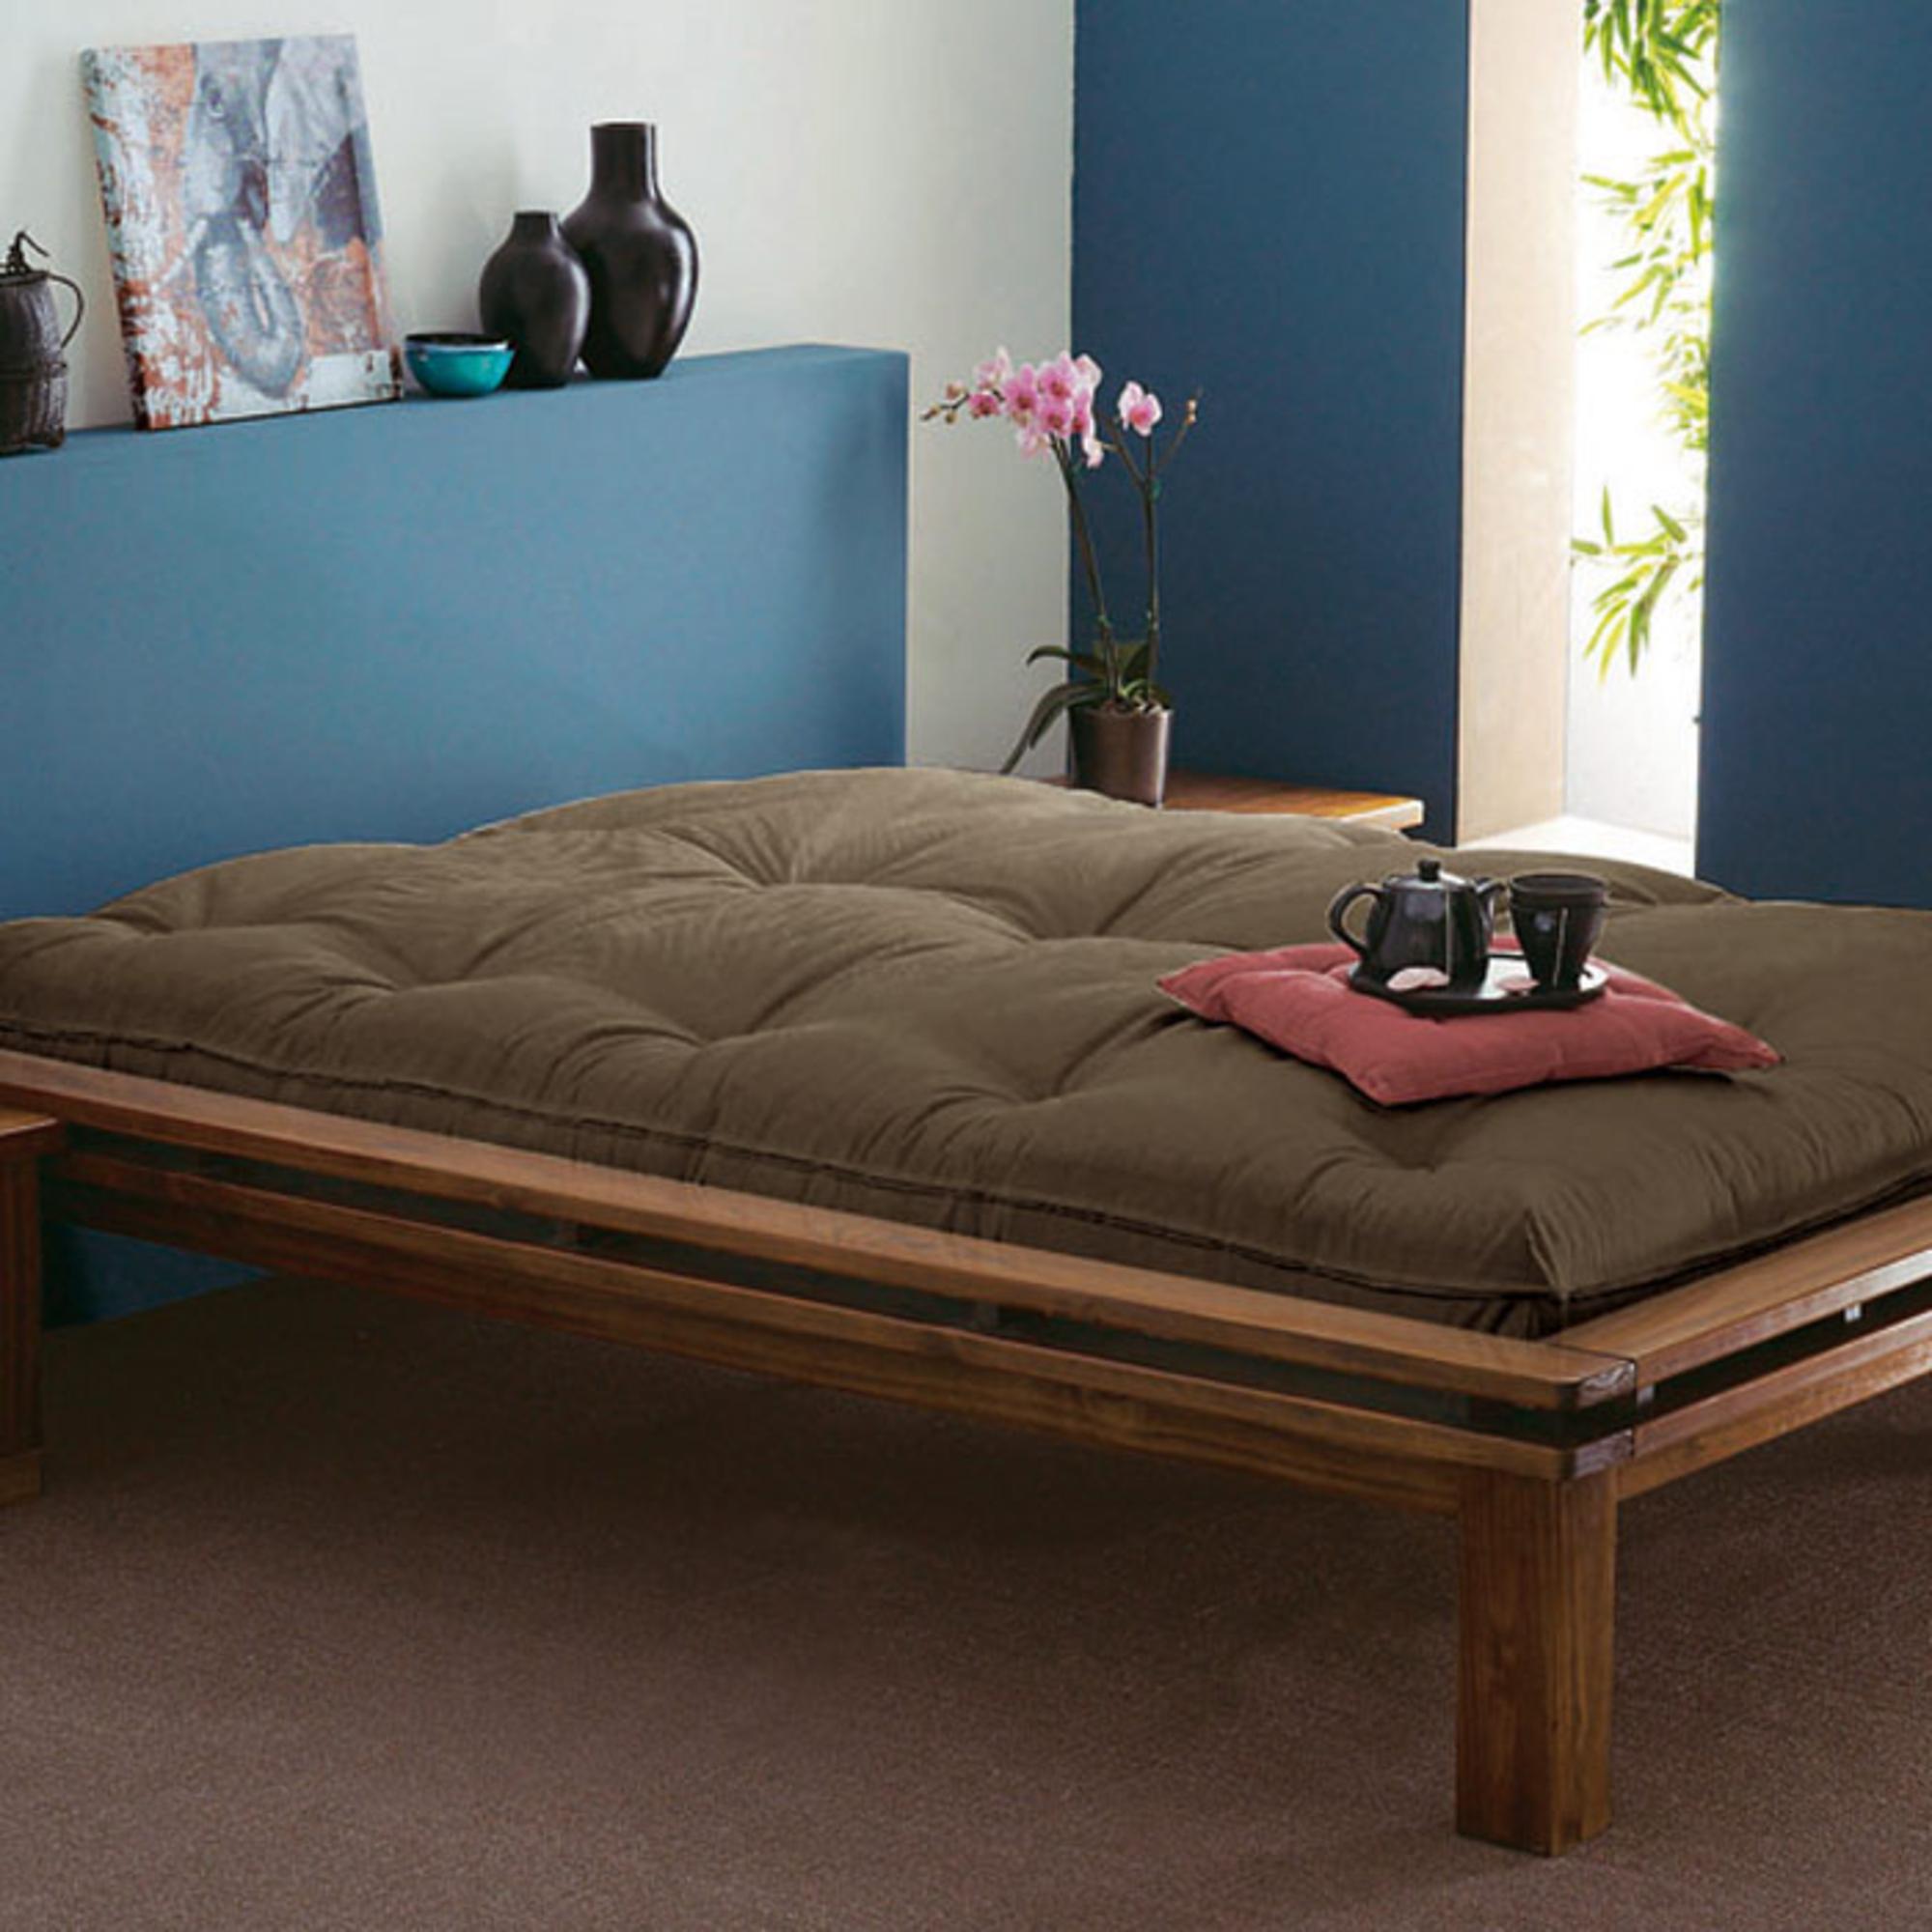 matelas 70 coton futon 180 x 200 anniversaire 40 ans acheter ce produit au meilleur prix. Black Bedroom Furniture Sets. Home Design Ideas